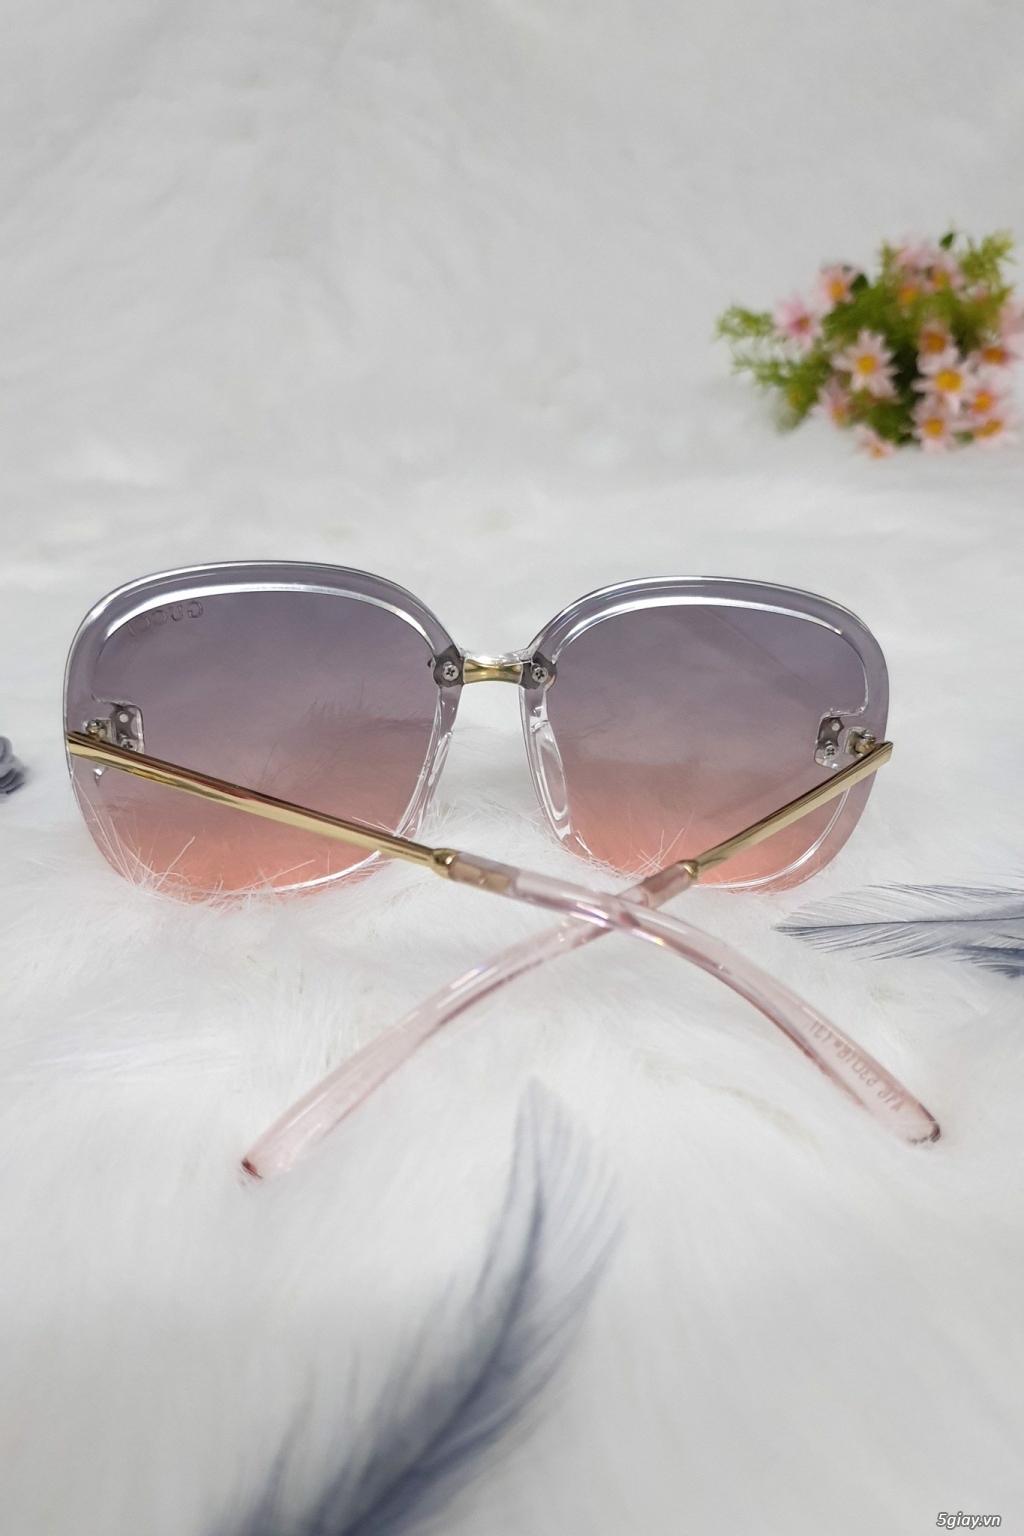 Wal House Fashion - Dây nịt, cài áo, vòng tay, mắt kiếng....... - 16